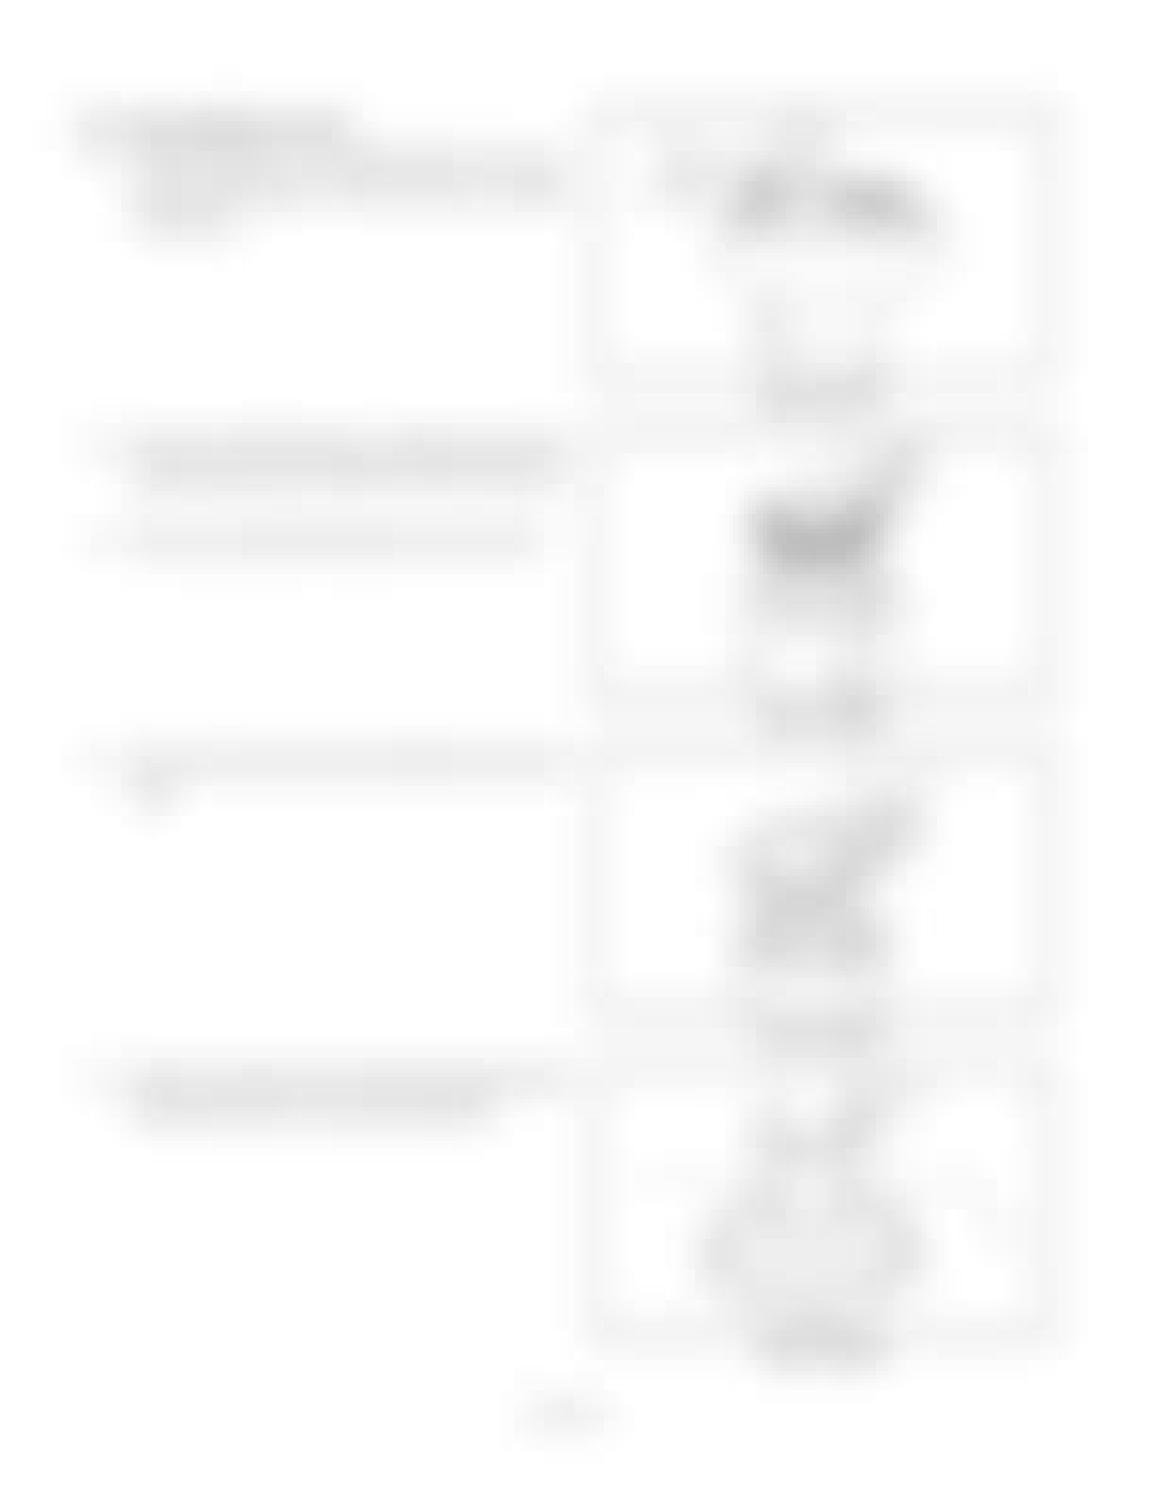 Hitachi LX110-7 LX130-7 LX160-7 LX190-7 LX230-7 Wheel Loader Workshop Manual - PDF DOWNLOAD page 176